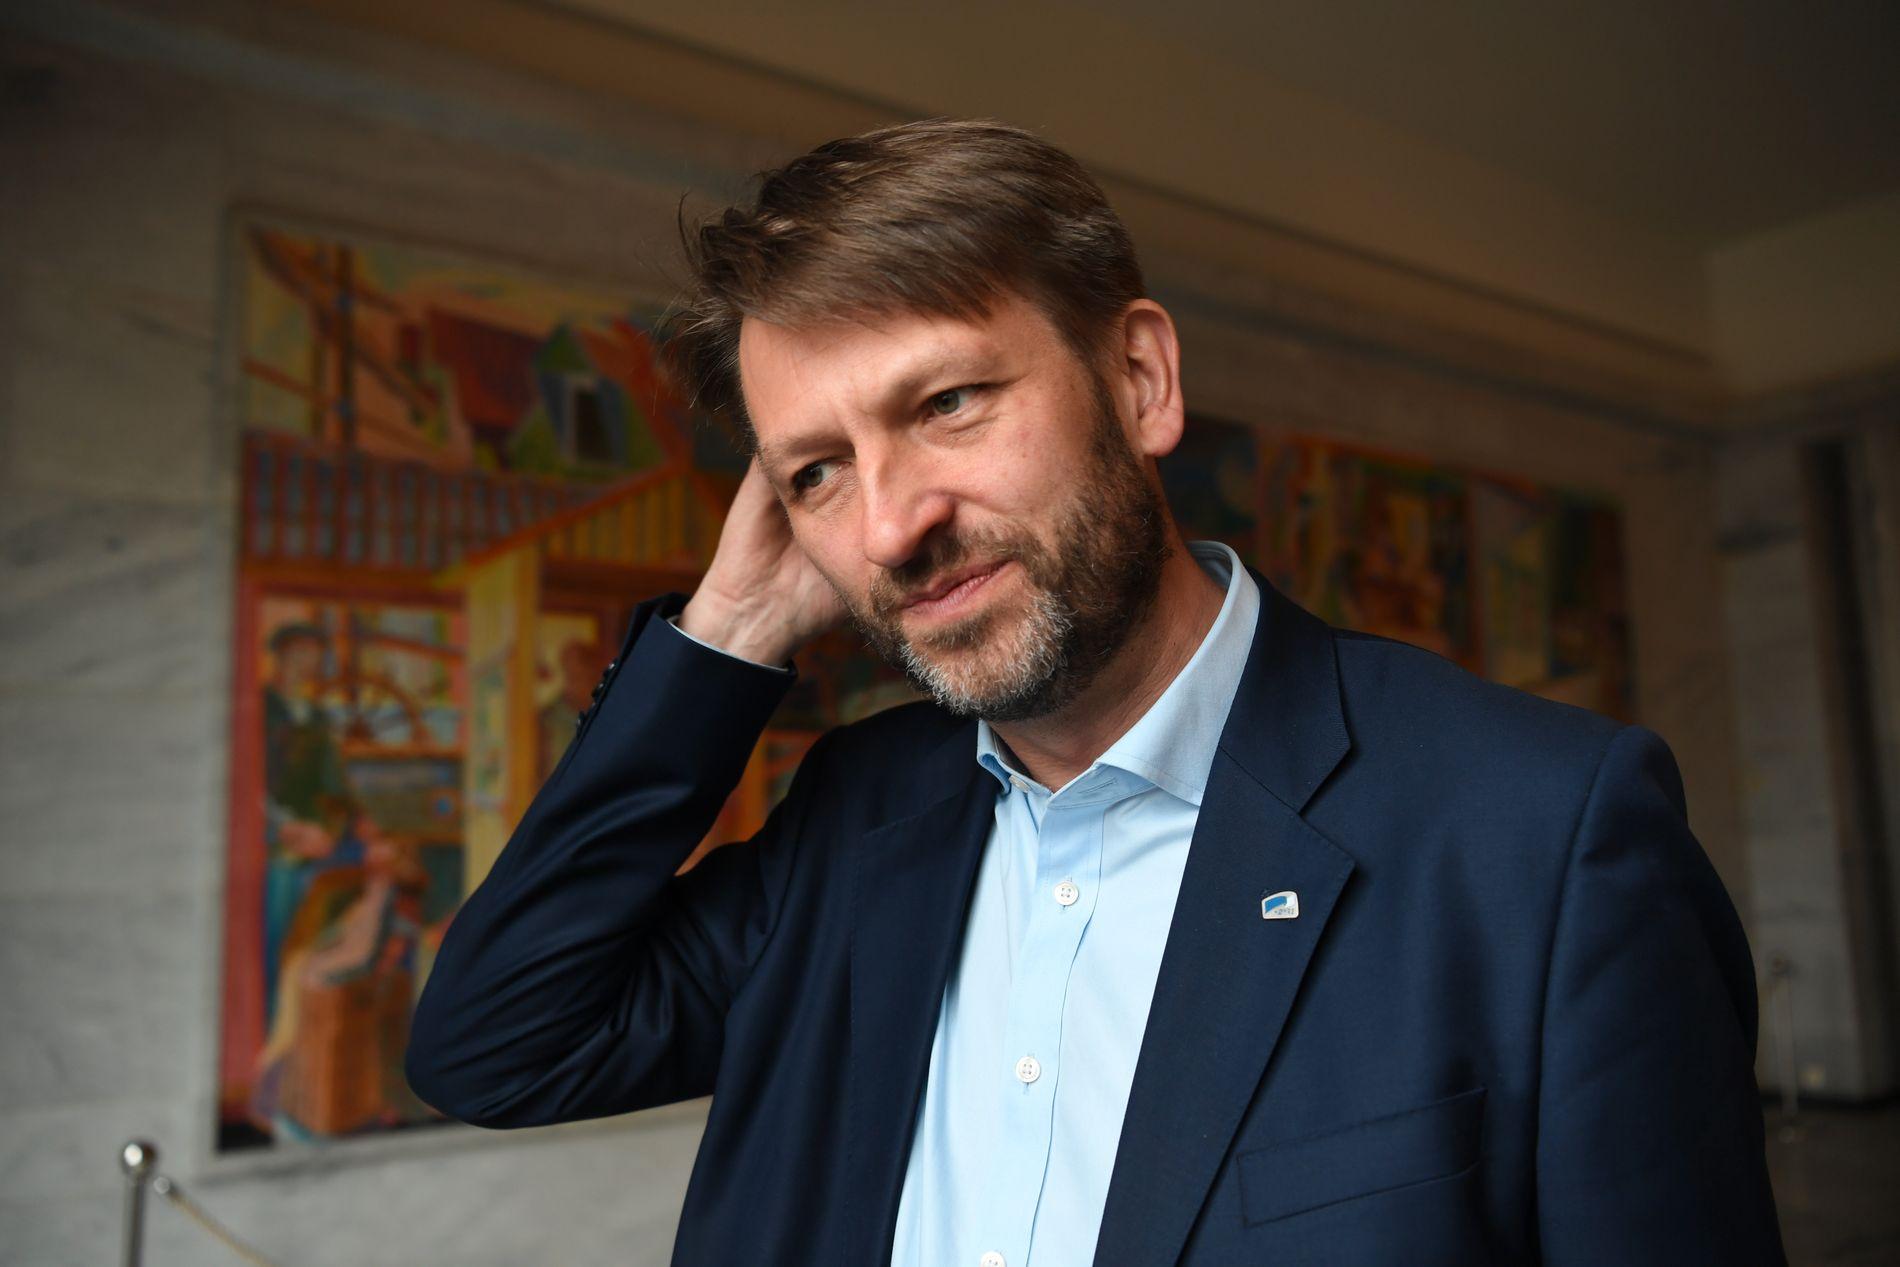 IKKE TILFREDS: Høyres Eirik Lae Solberg mener byrådet i Oslo forsyner seg av forliket om Oslopakke 3 som om det var en buffé.